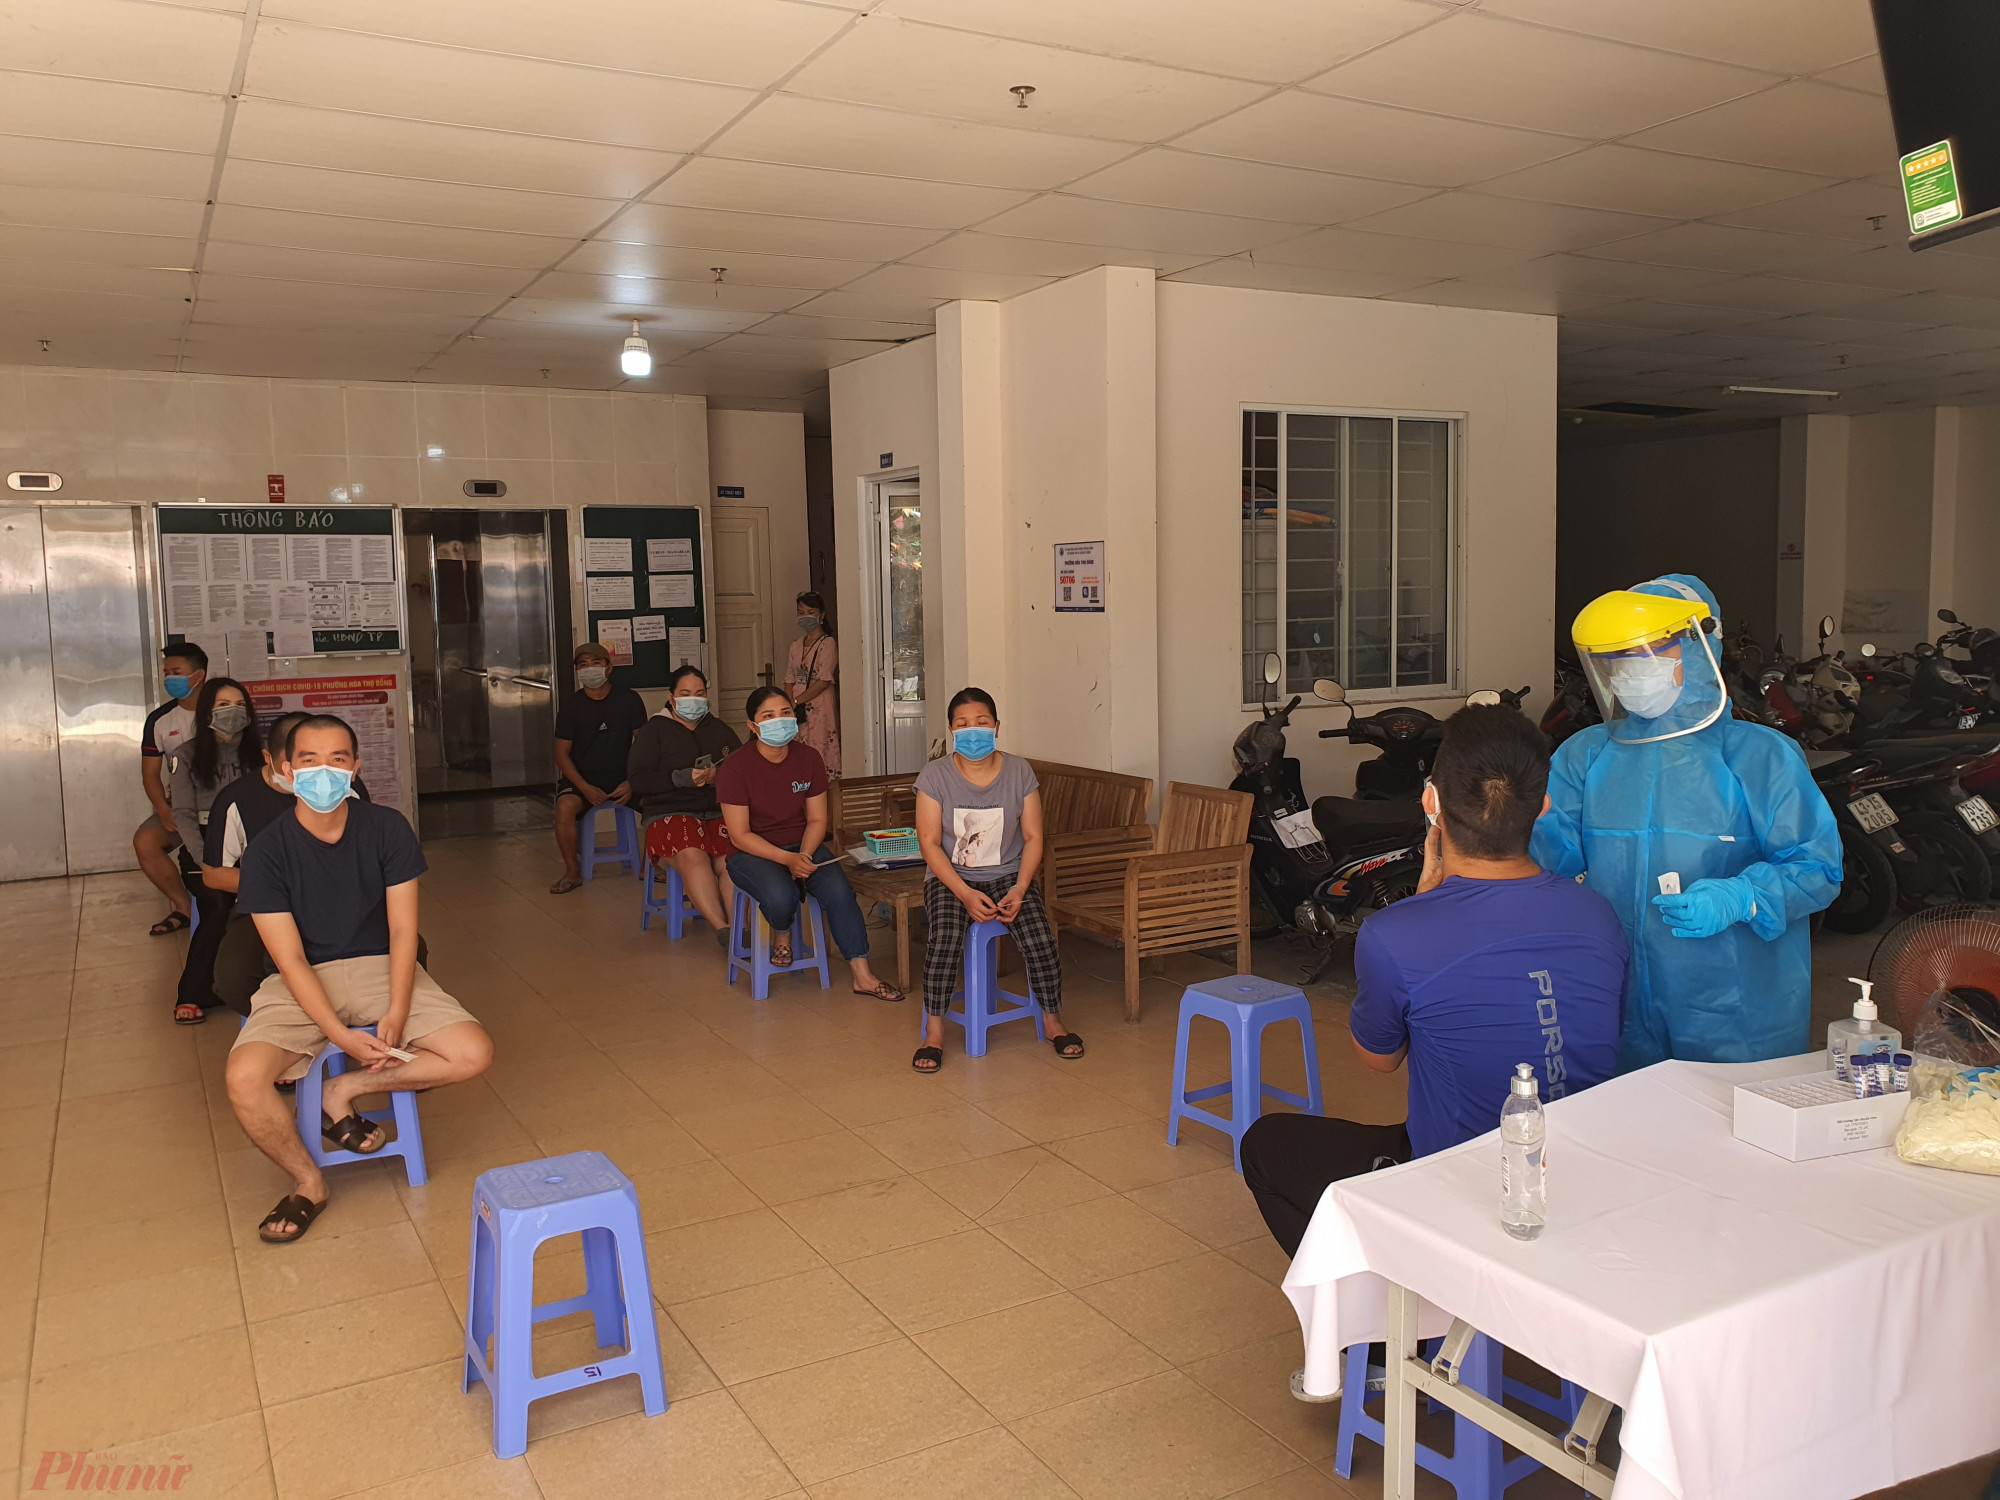 Cư dân chung cư CT02-Khu chung cư Phong Bắc ở quận Cẩm Lệ đang lấy mẫu xét nghiệm SARS-CoV-2